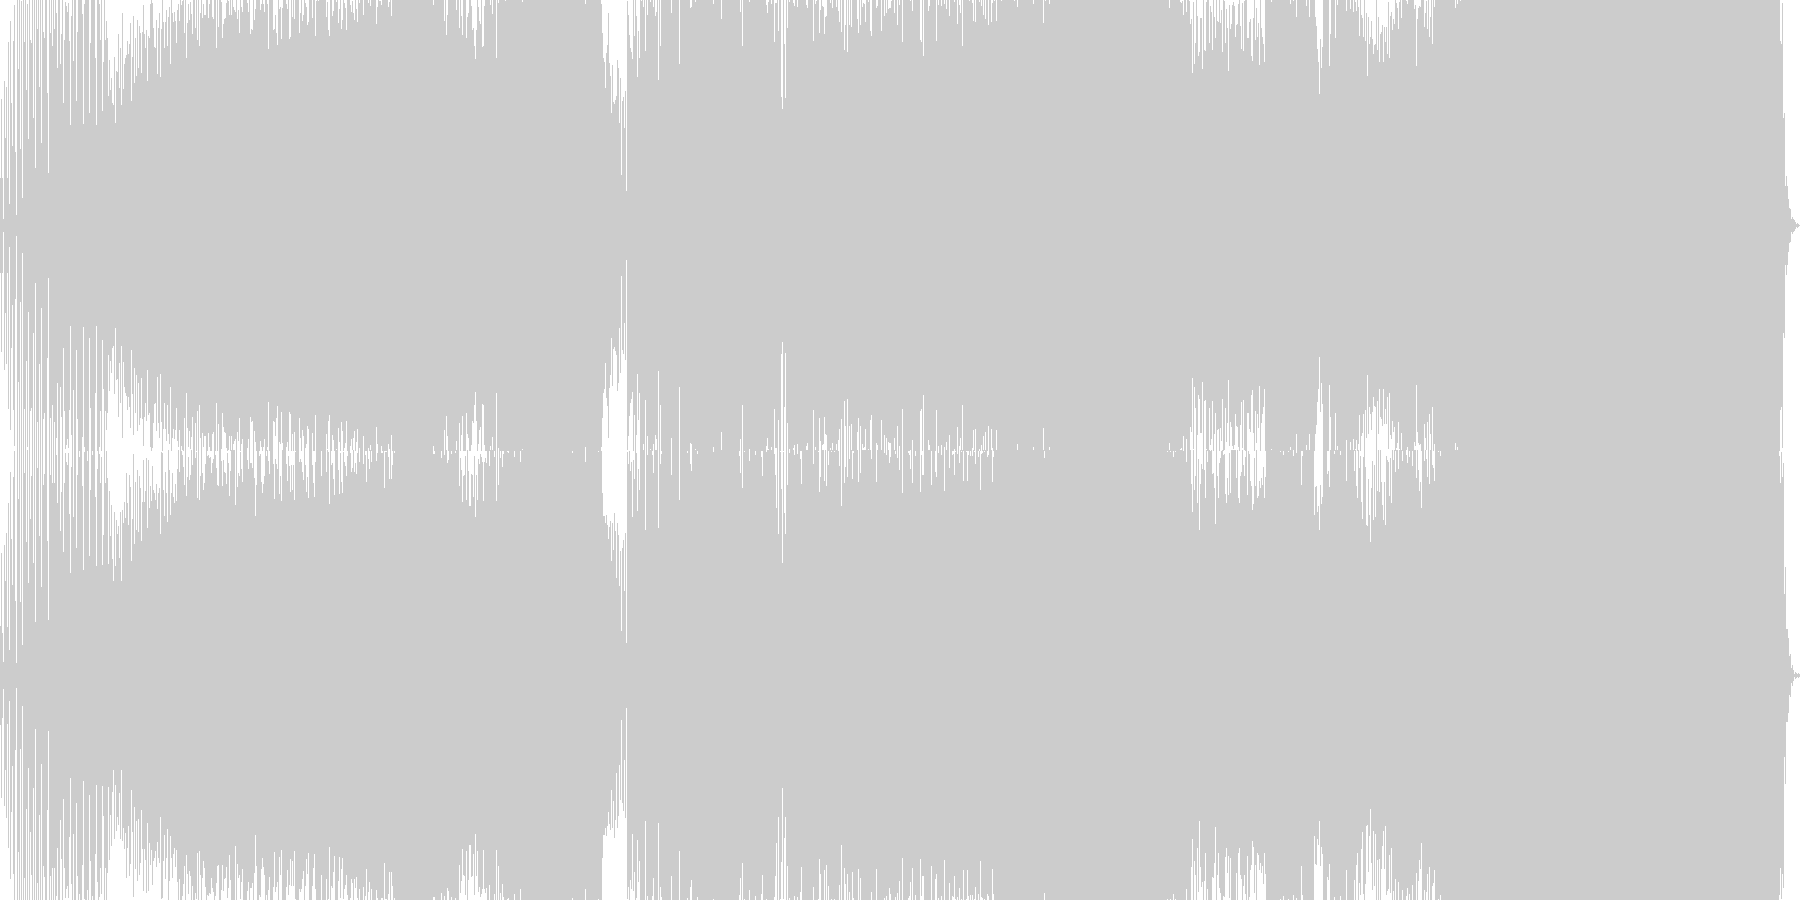 パワフルな近未来的トランスEDMの未再生の波形